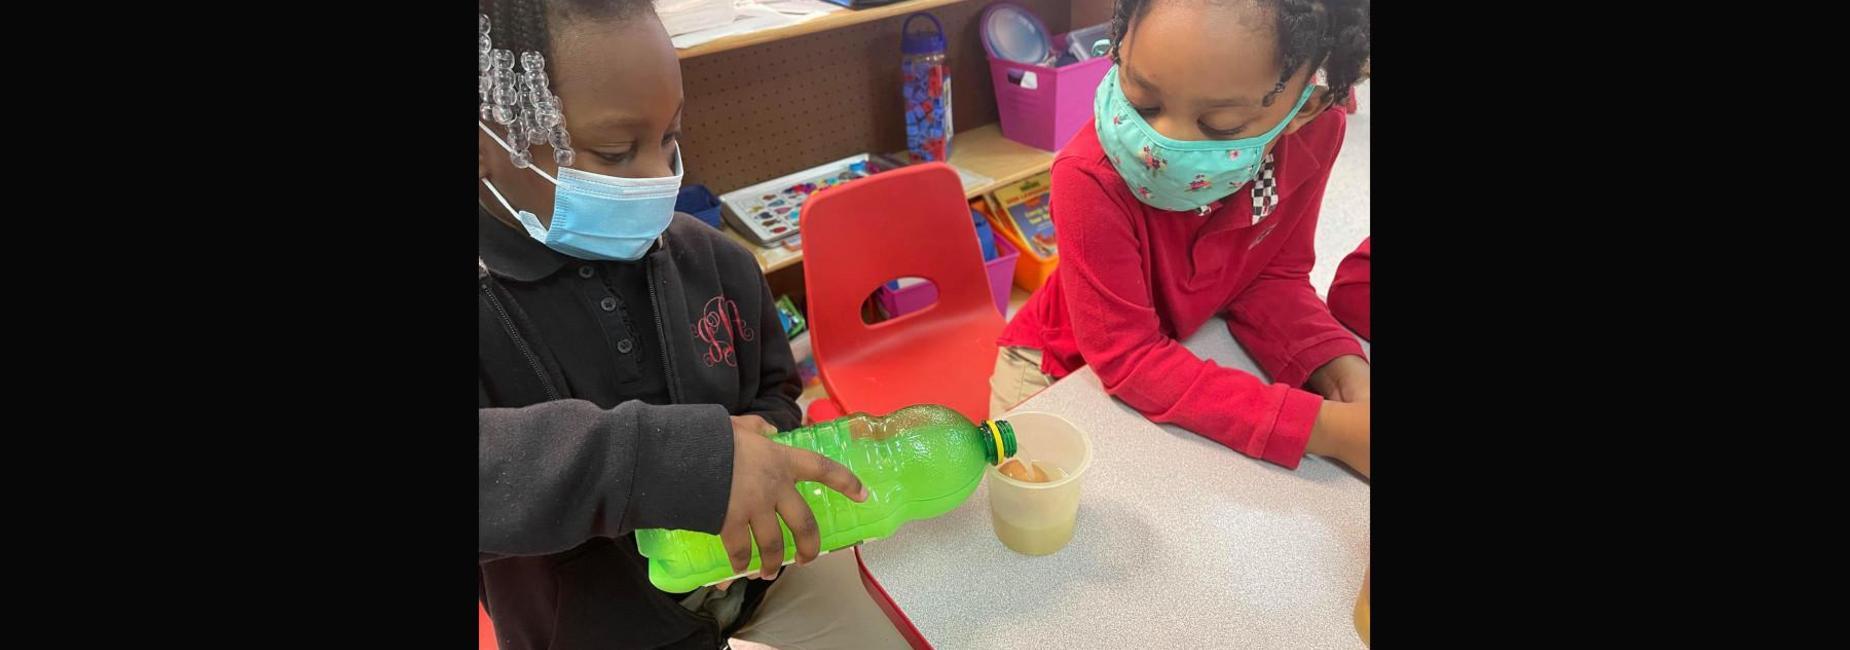 Kindergarten experiment